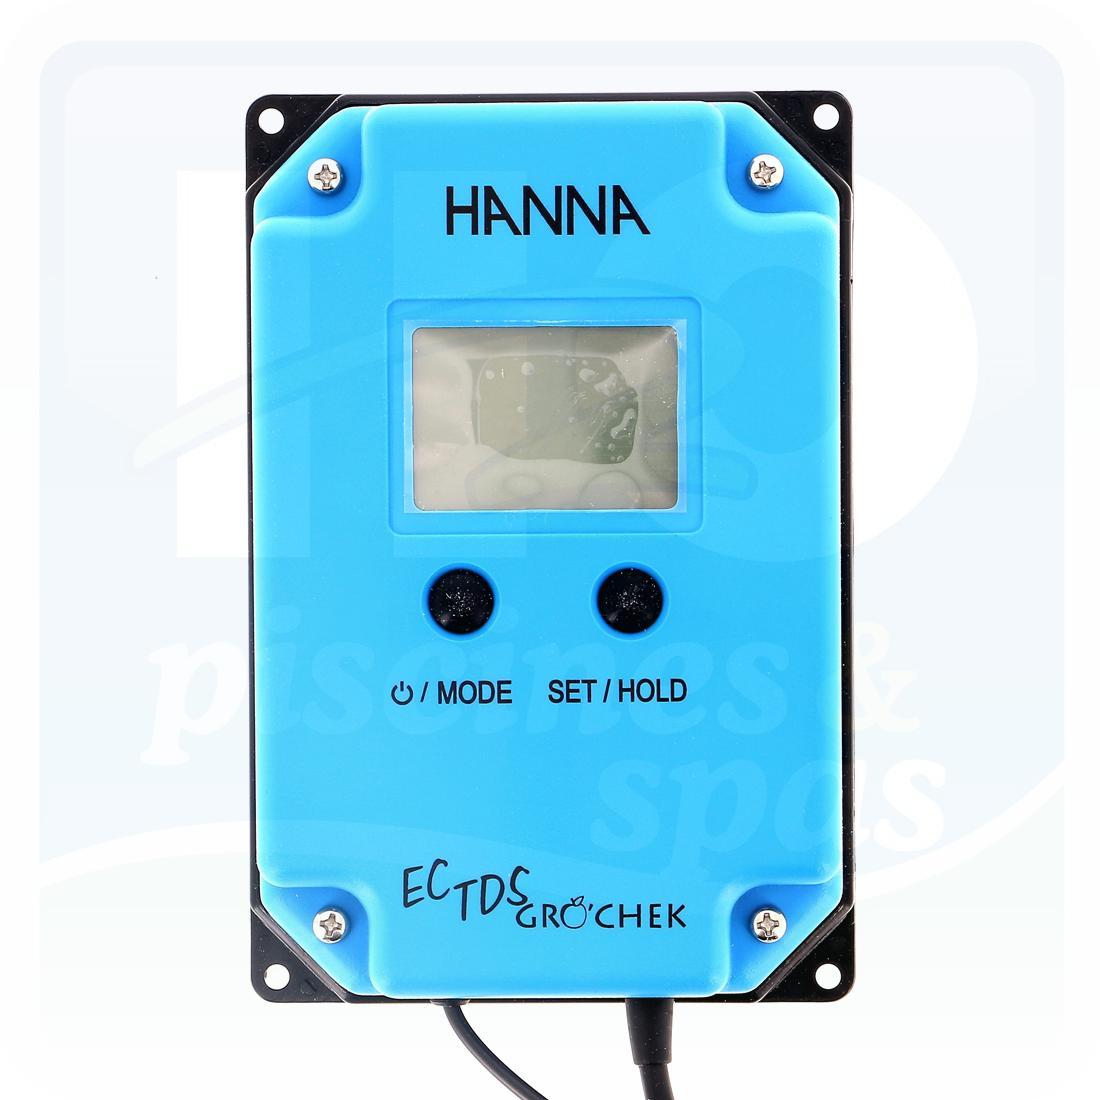 Testeur De Sel Permanent Hanna Tds Gro Chek - H2O Piscines & Spas destiné Testeur Piscine